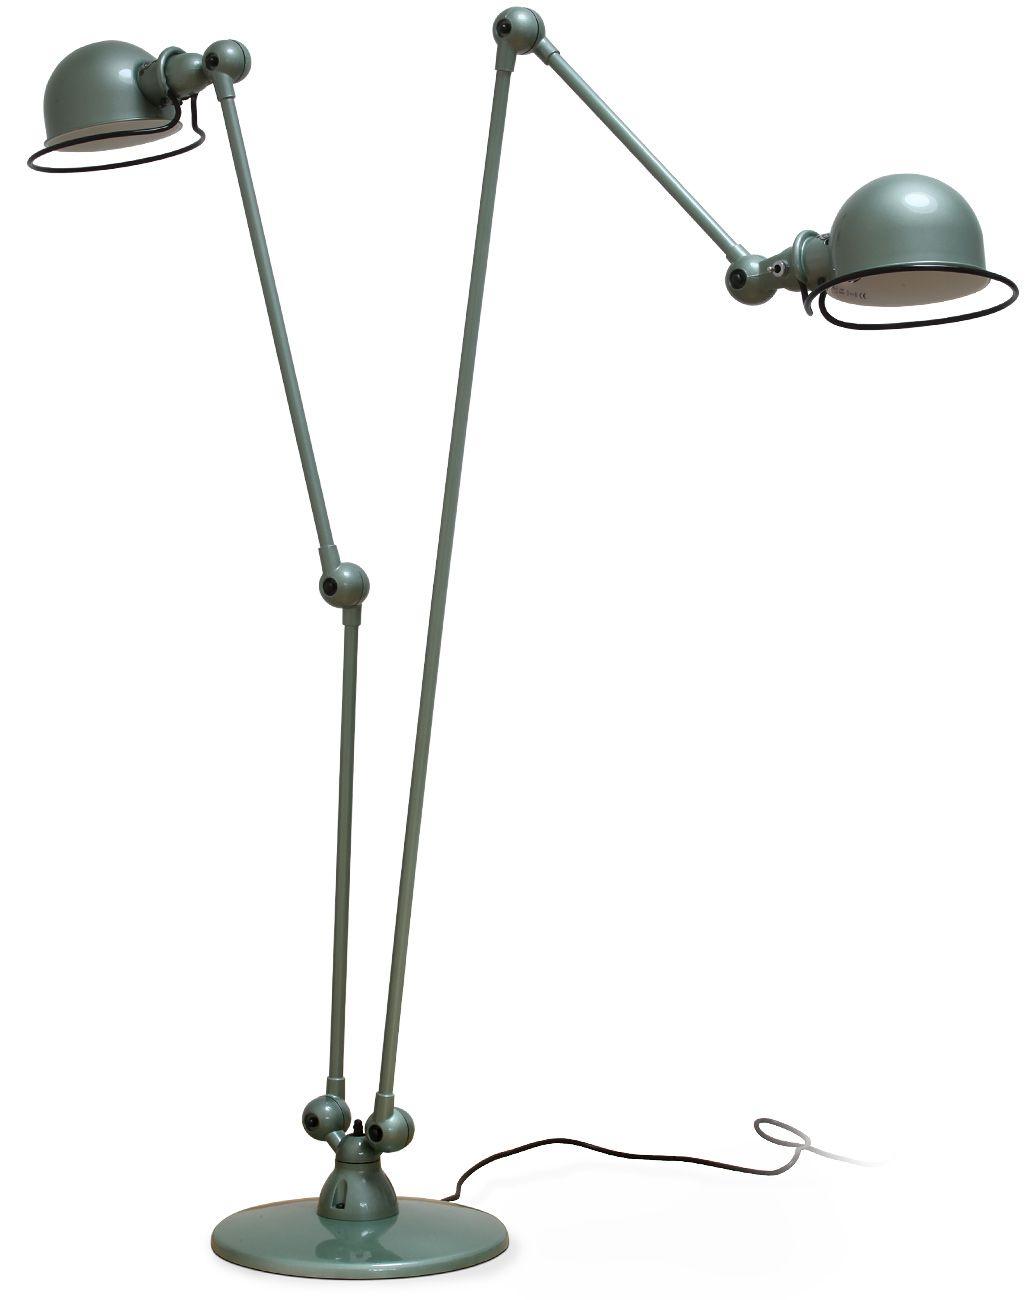 18+ Tischlampe 70 cm hoch Sammlung